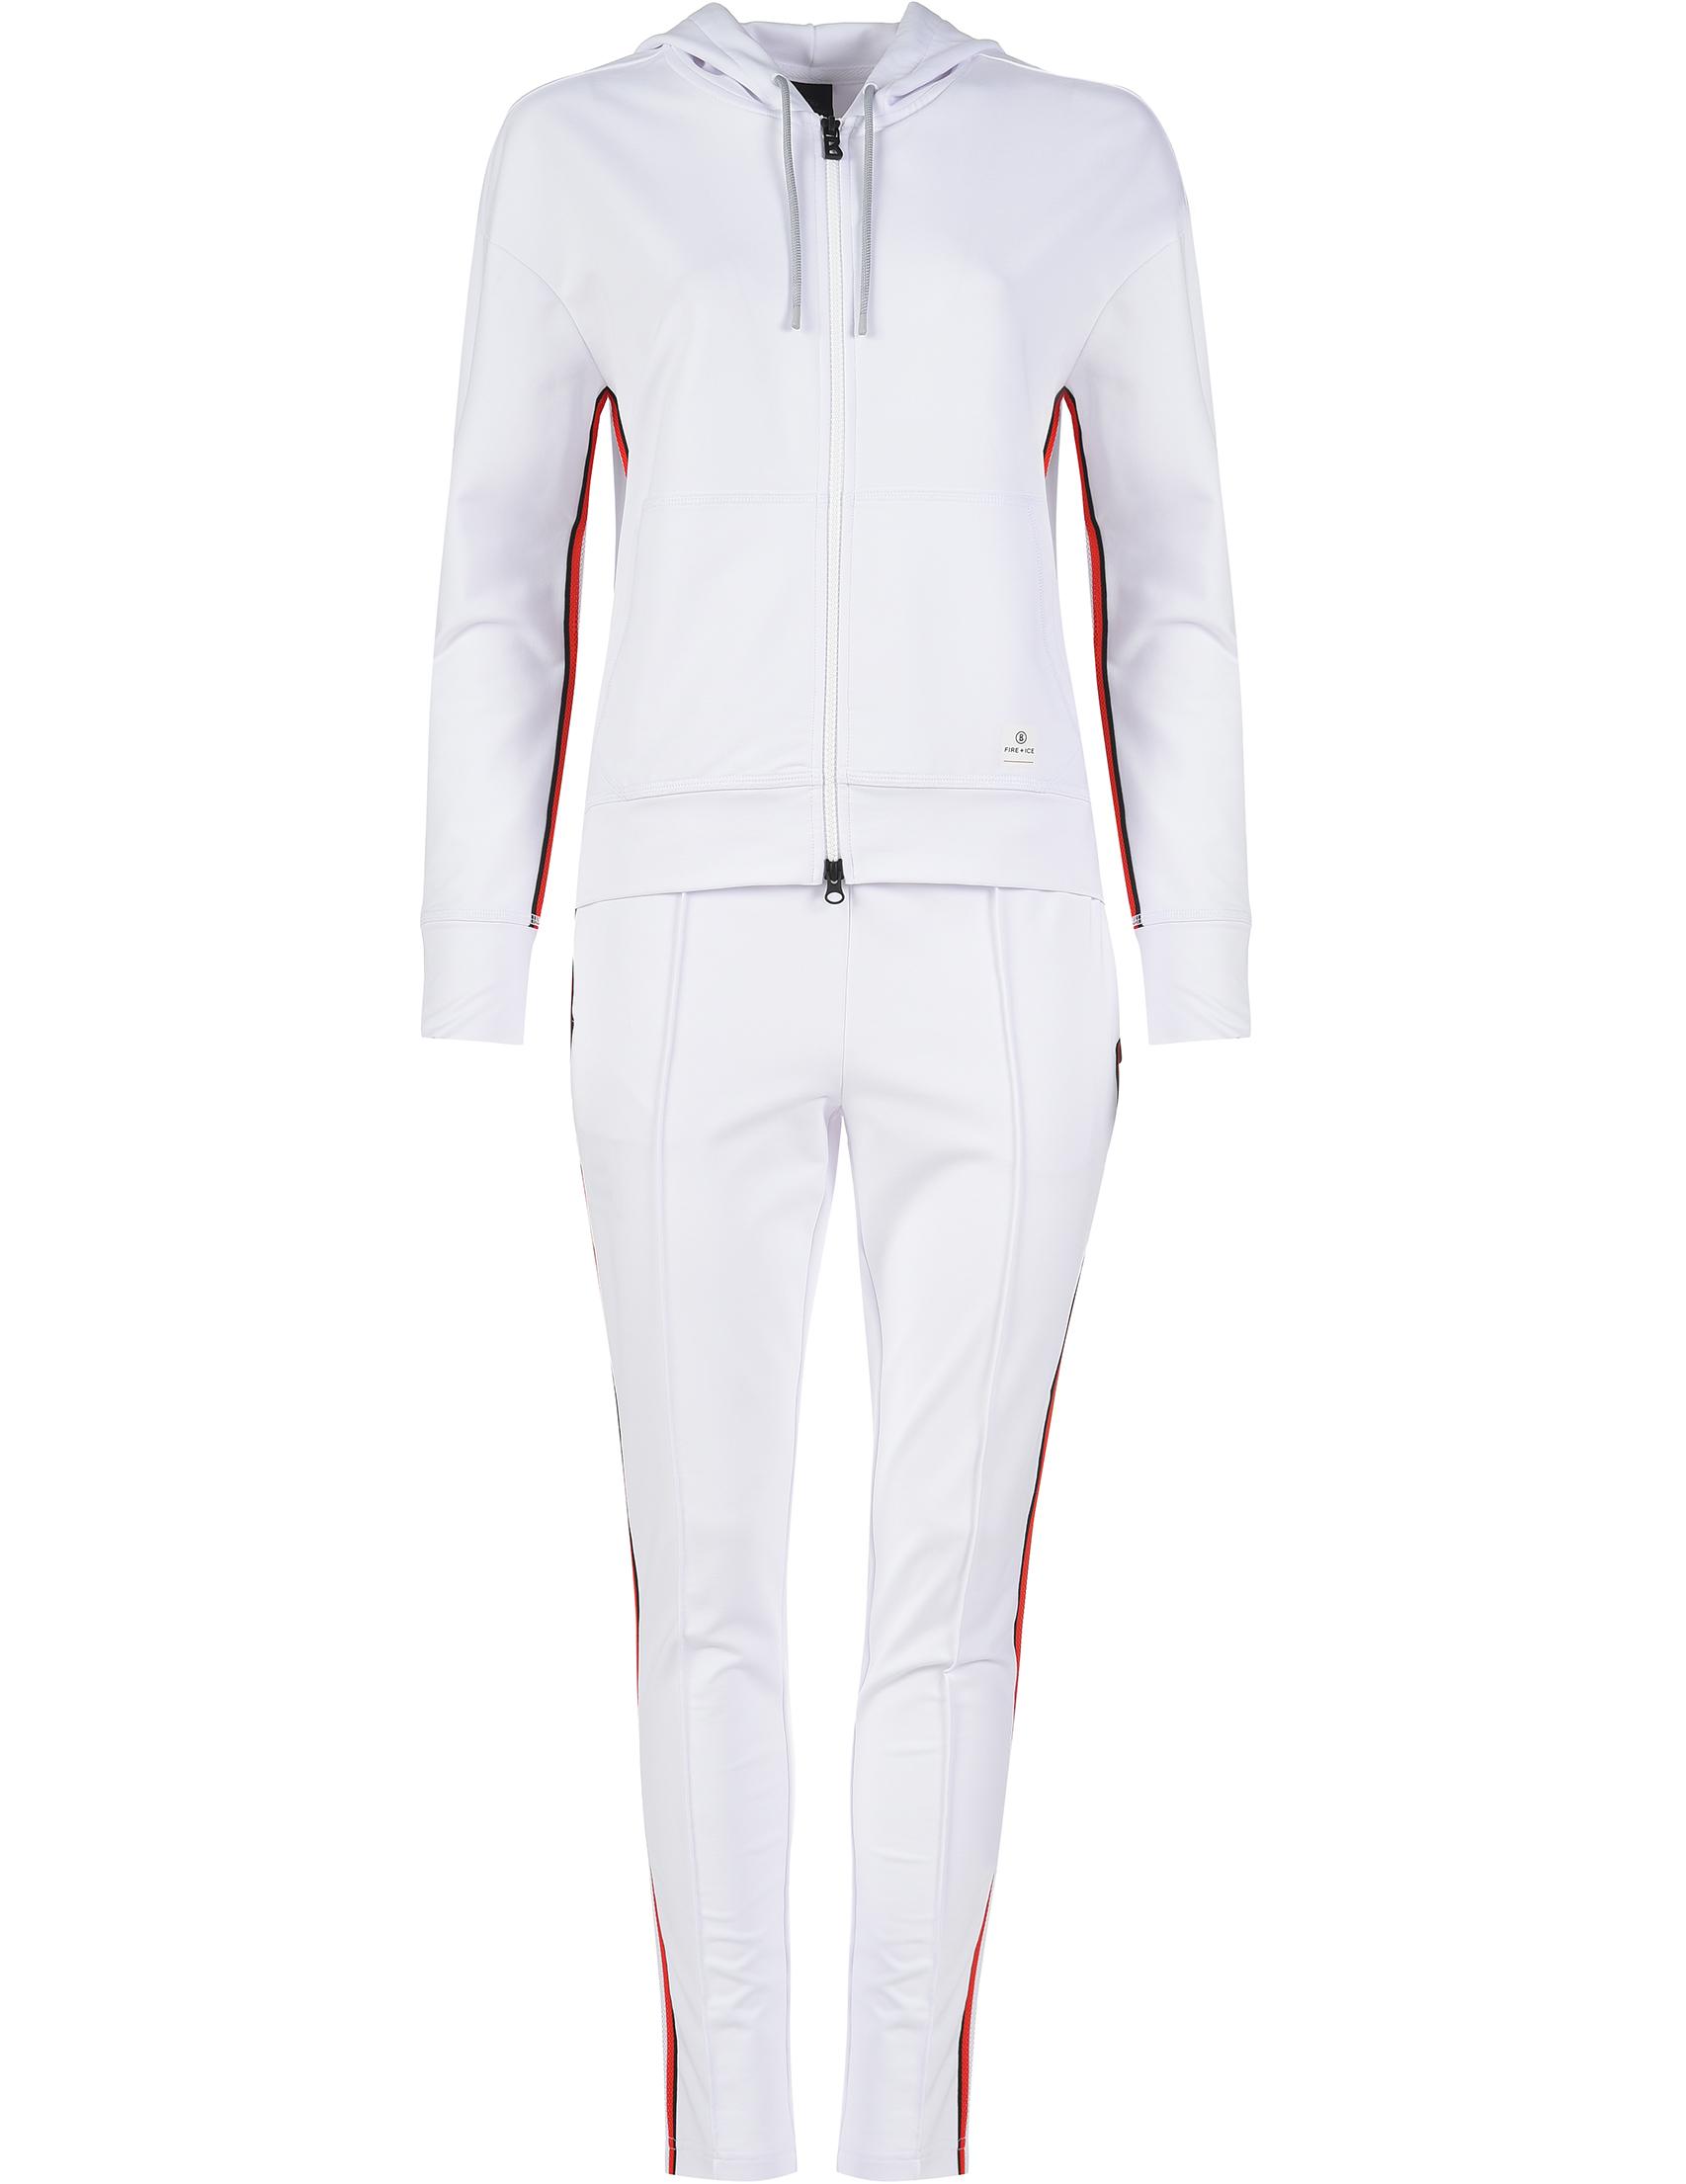 Купить Спортивный костюм, BOGNER, Белый, 70%Хлопок 24%Полиэстер 6%Эластан, Весна-Лето